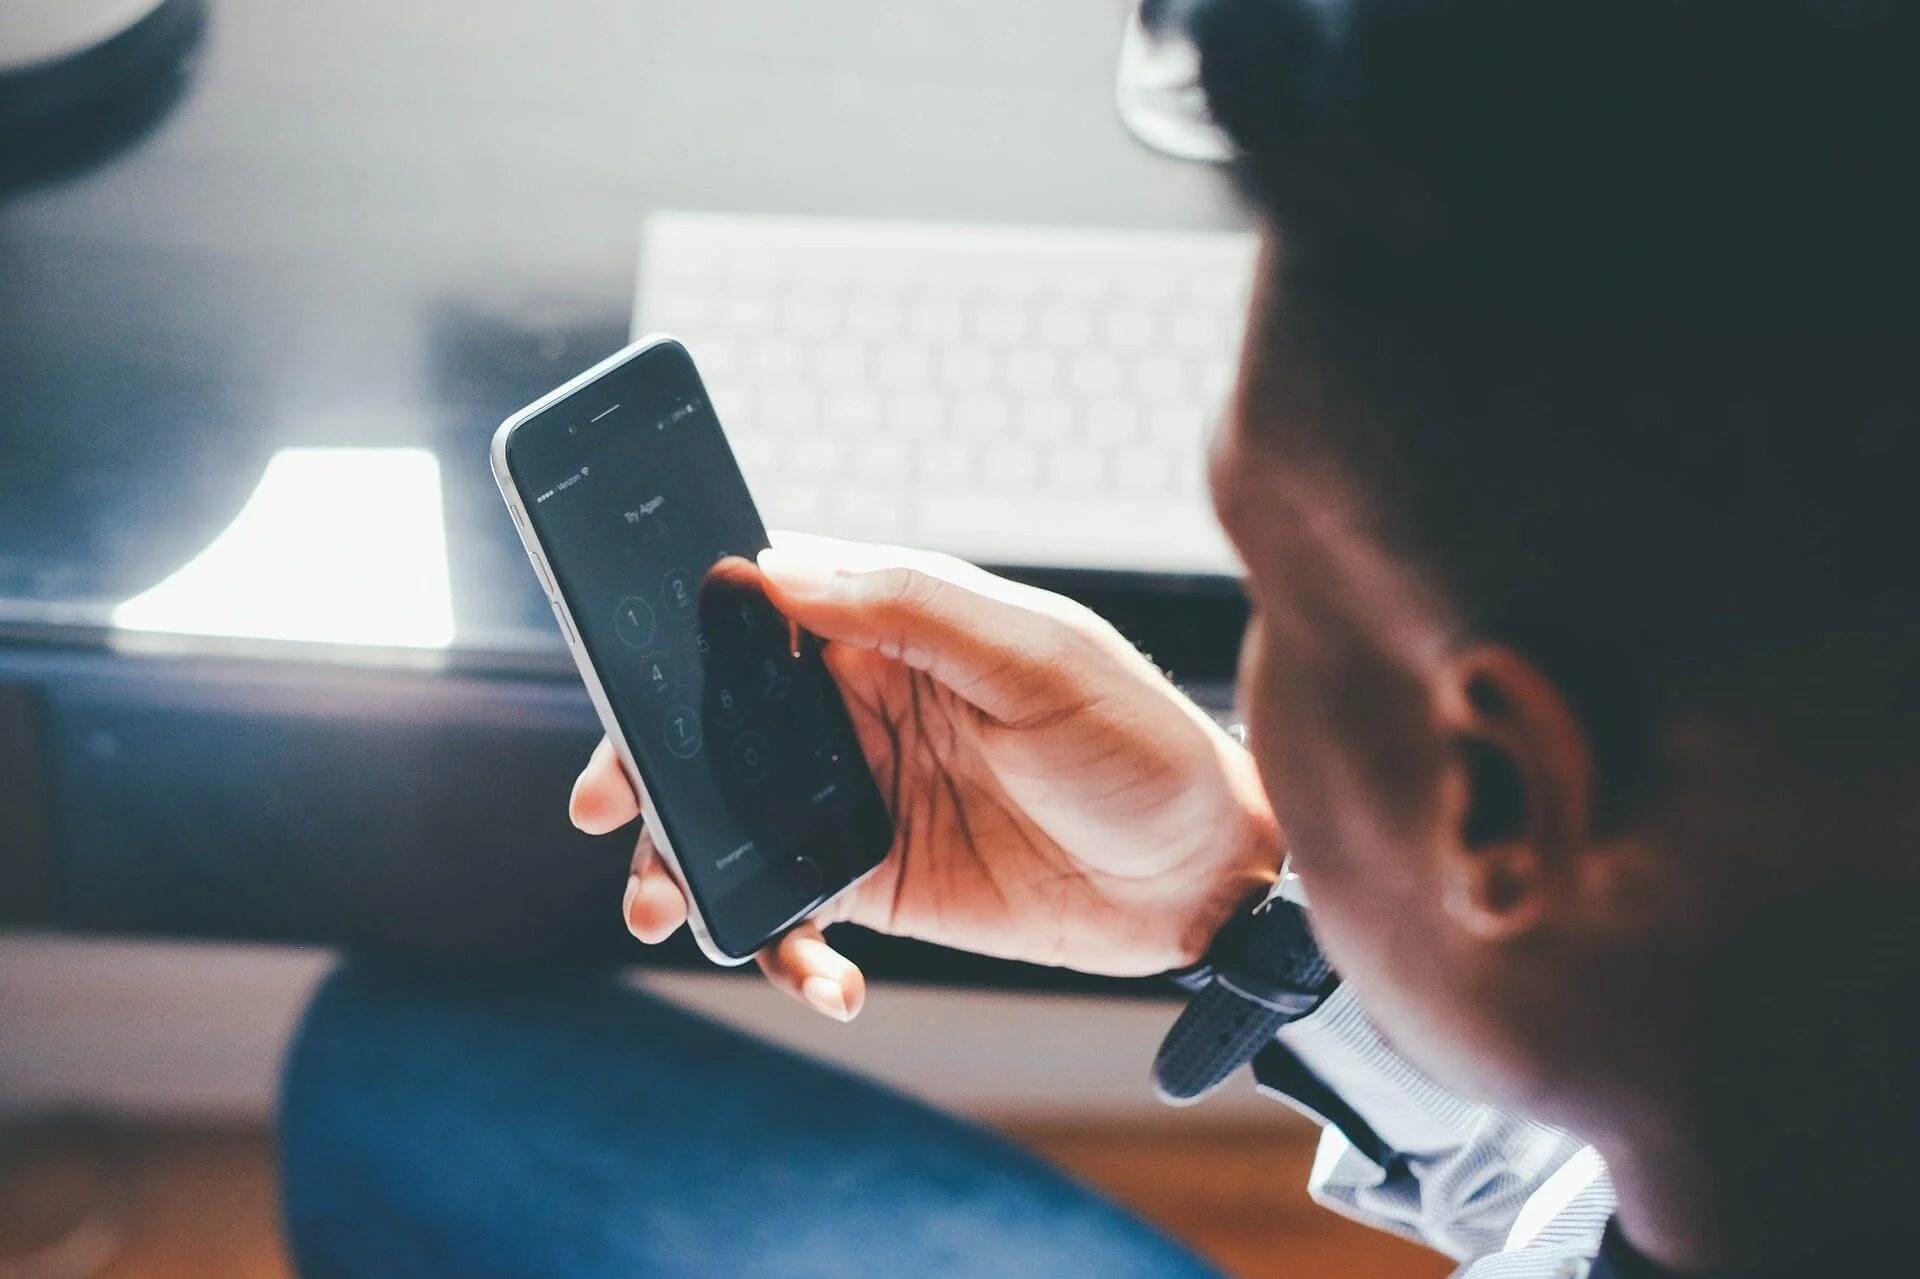 phone use - Como o brasileiro lida com o mobile? Pesquisa do Yahoo revela hábitos com apps